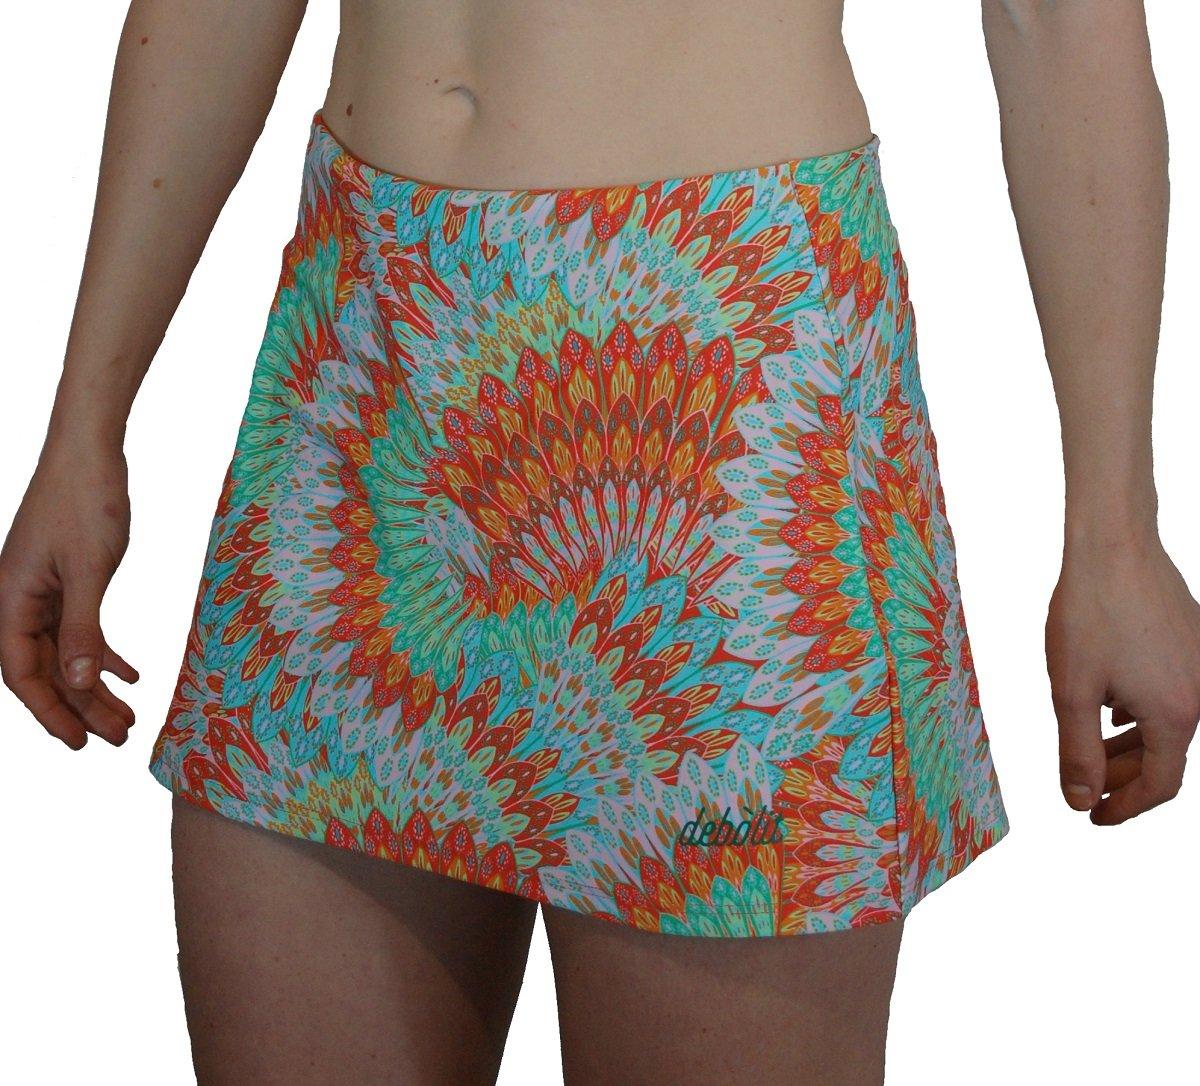 DEBOLIT - Falda Pavo Real. Faldas de Padel/Tenis con Pantalon ...